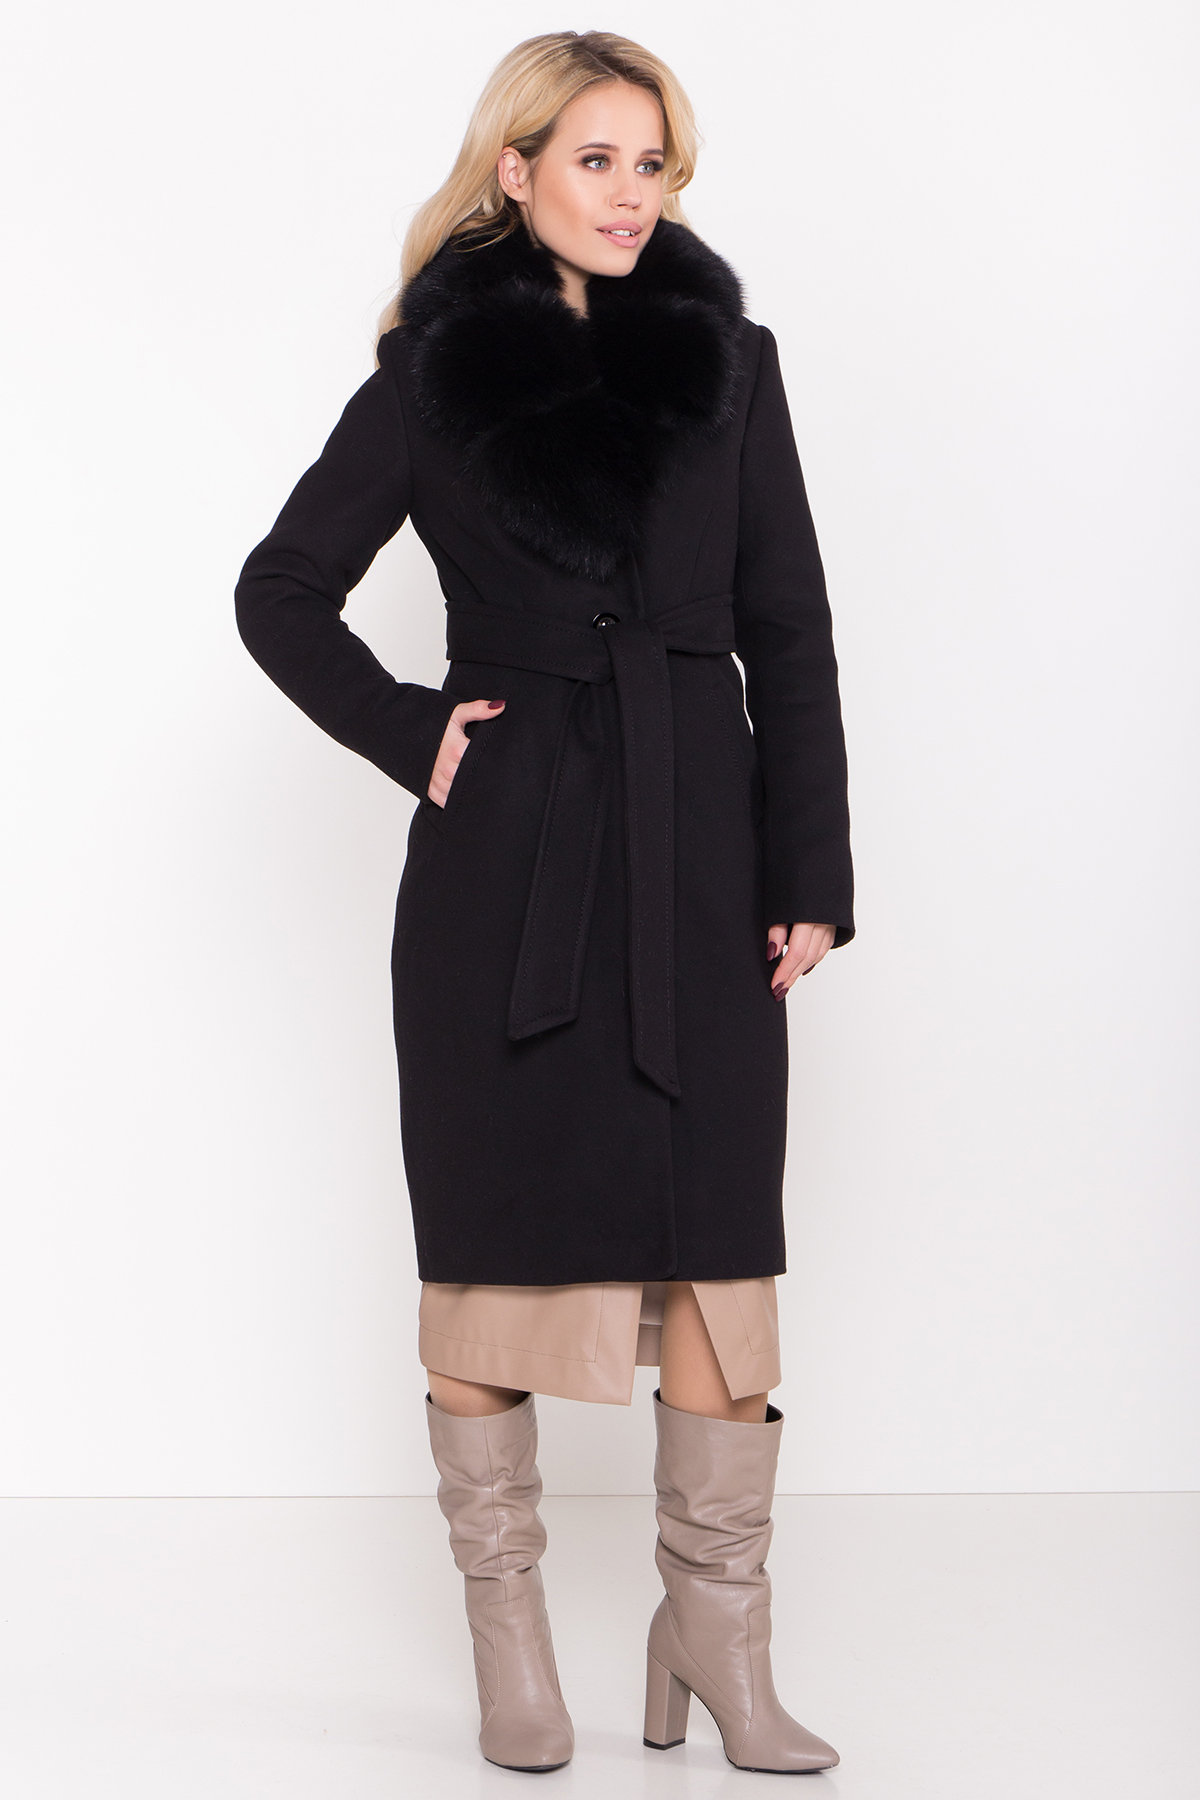 Пальто зимнее от производителя Modus Пальто зима Камила классик 8486